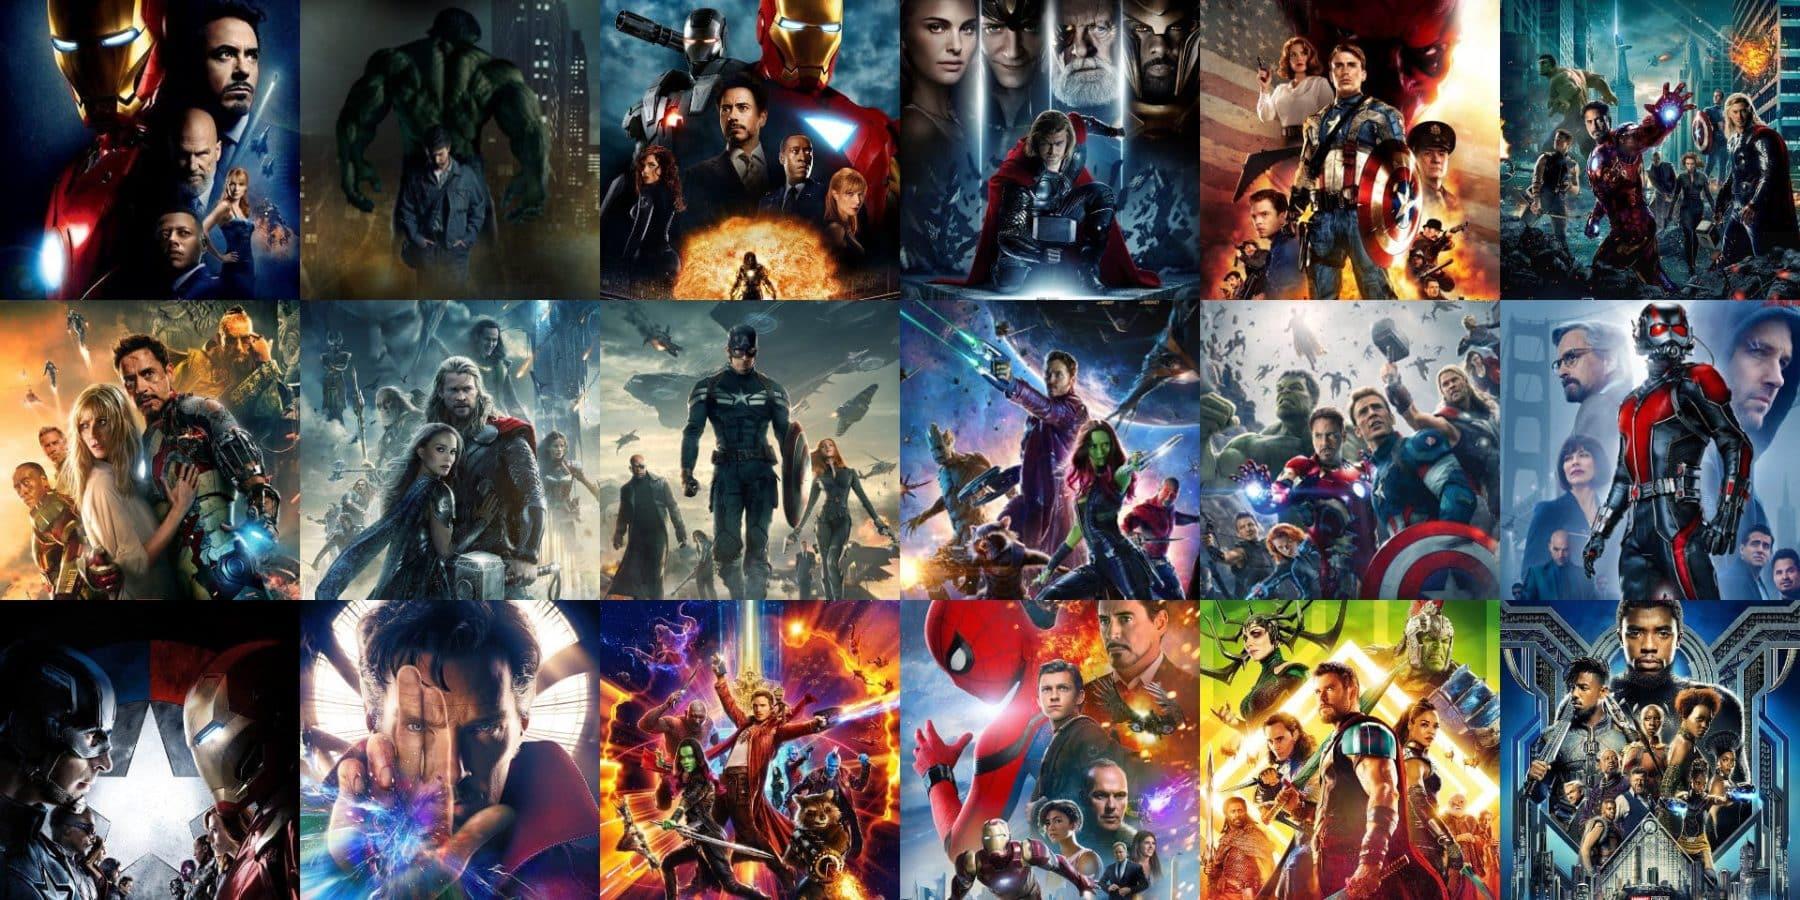 ¿Quieren ganar dinero viendo todas las películas de Marvel?